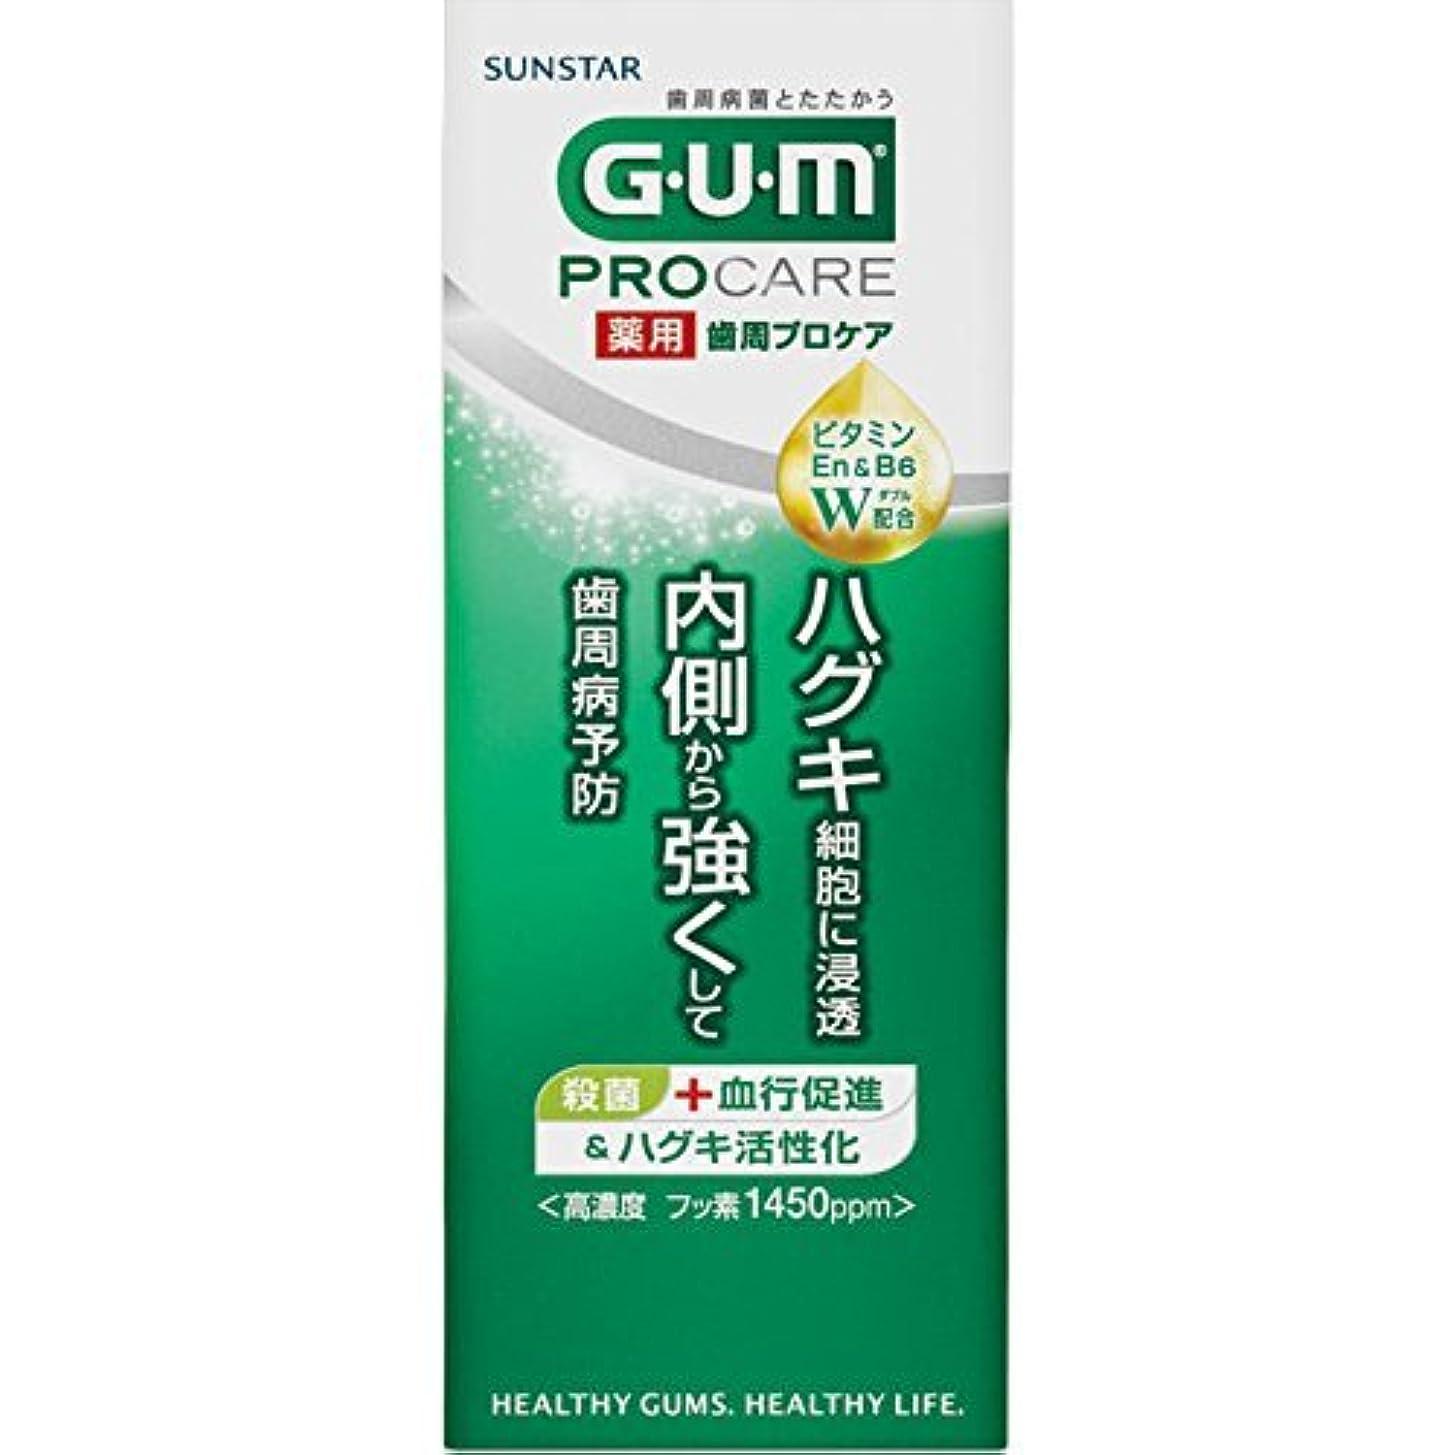 肉屋配分肝[医薬部外品] GUM(ガム) 歯周プロケア 歯みがき ミニサイズ トライアル 50g <歯周病予防 ハグキケア 高濃度フッ素配合 1450ppm>